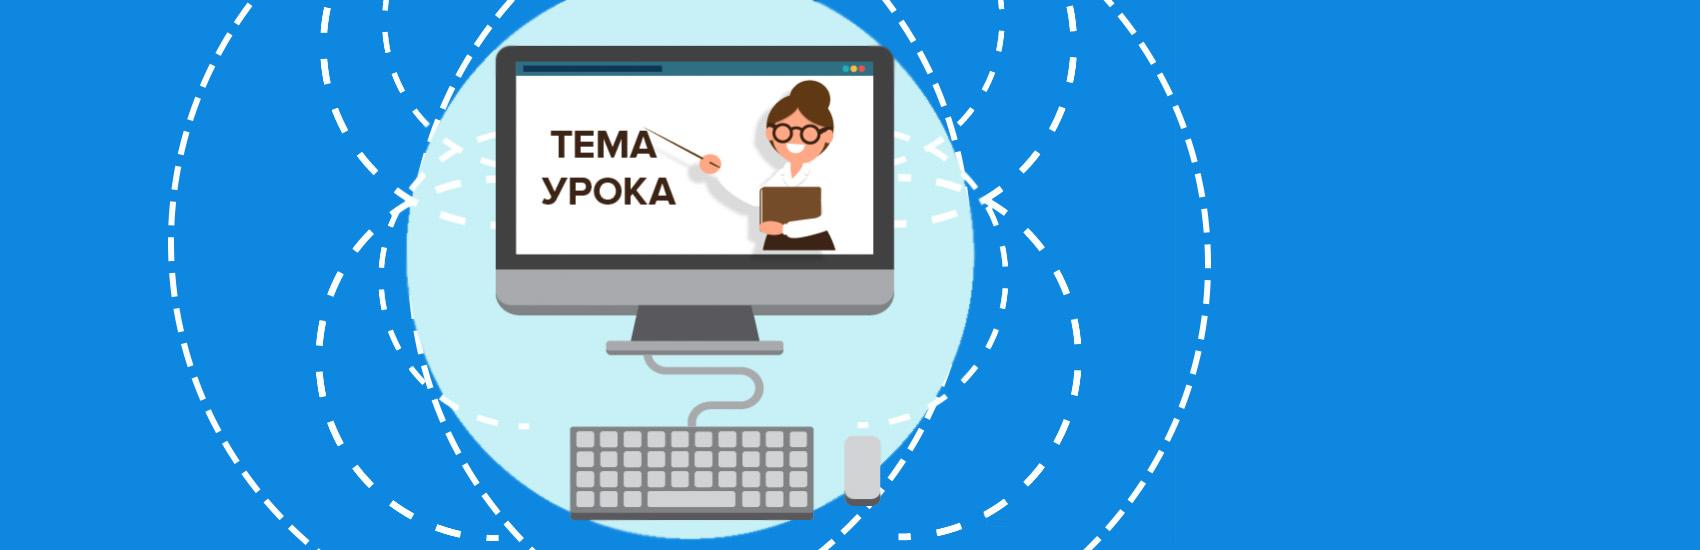 Ведение и продвижение Инстаграм аккаунта онлайн-школы